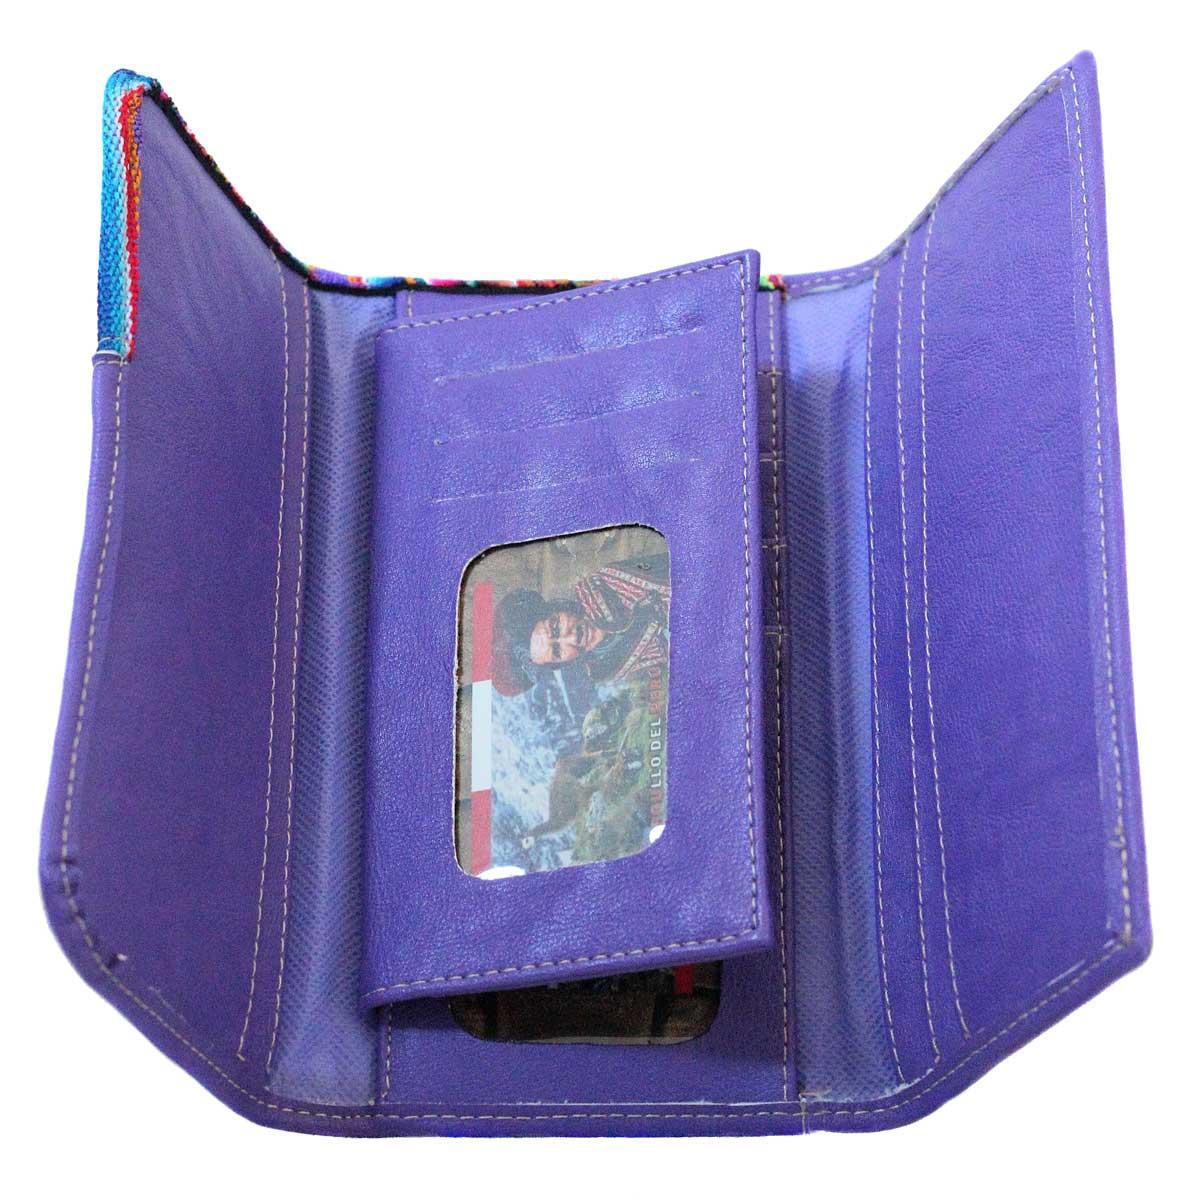 Inka-Products-Portefeuille Péruvien TUKTU-Violet coloré ethnique-2